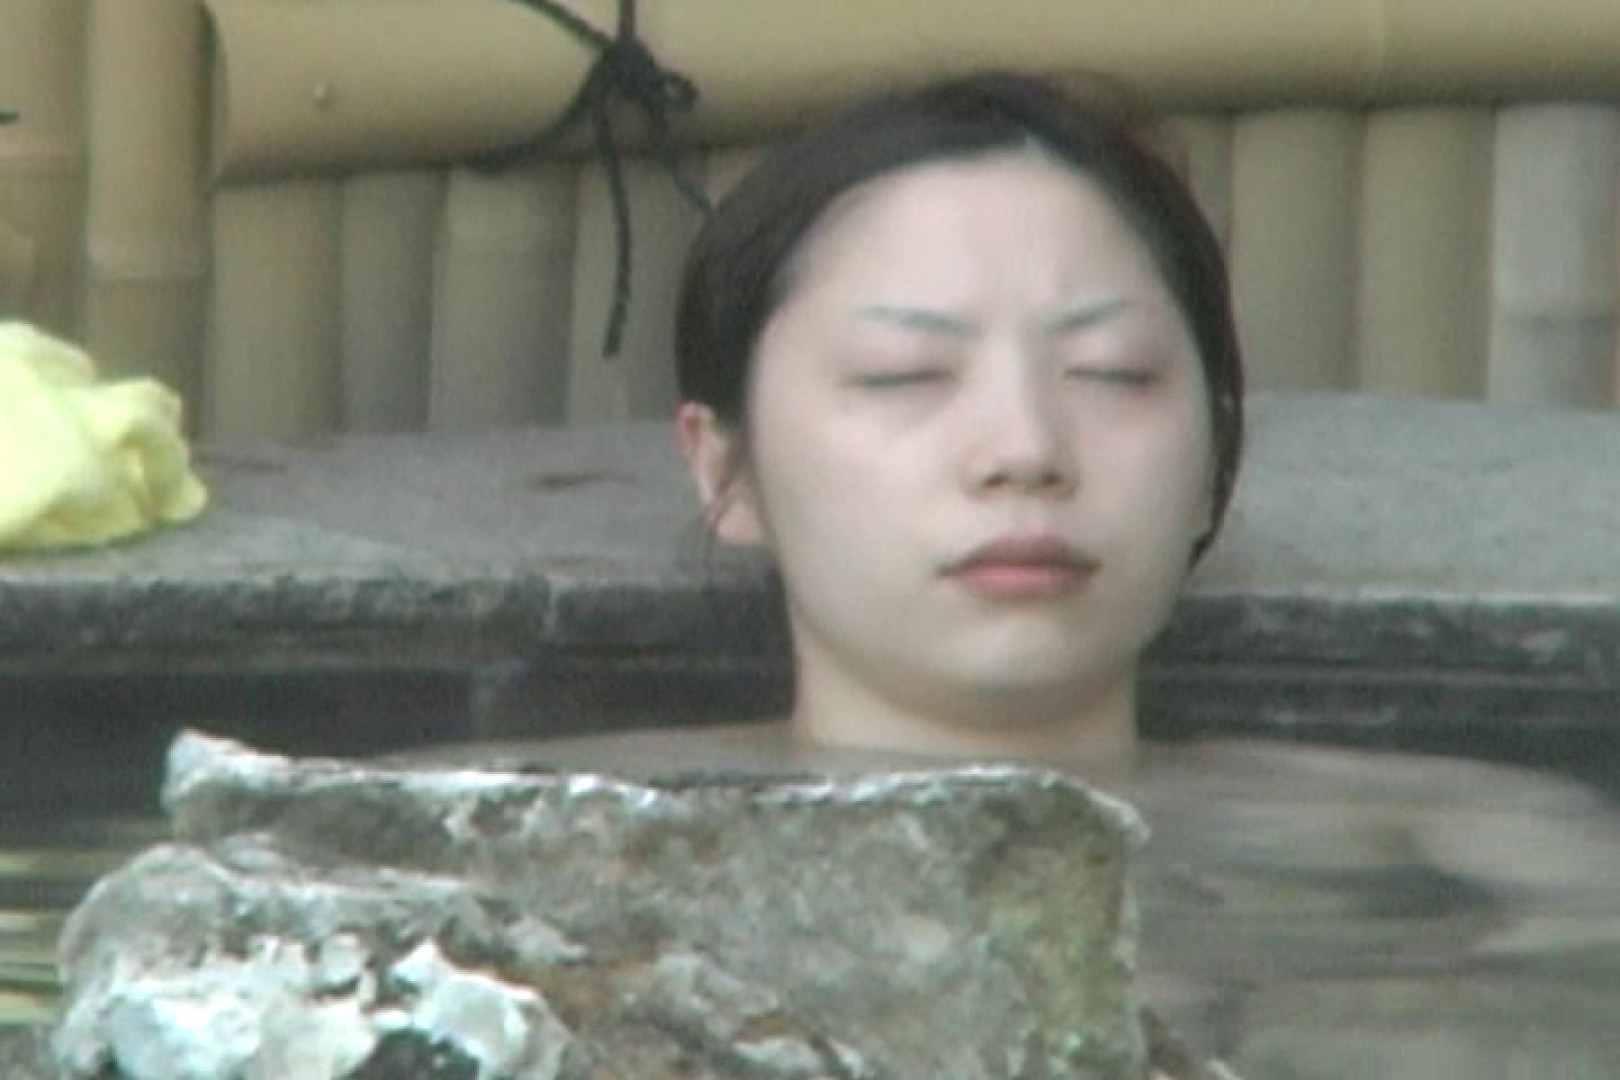 Aquaな露天風呂Vol.596 盗撮シリーズ  113PIX 66